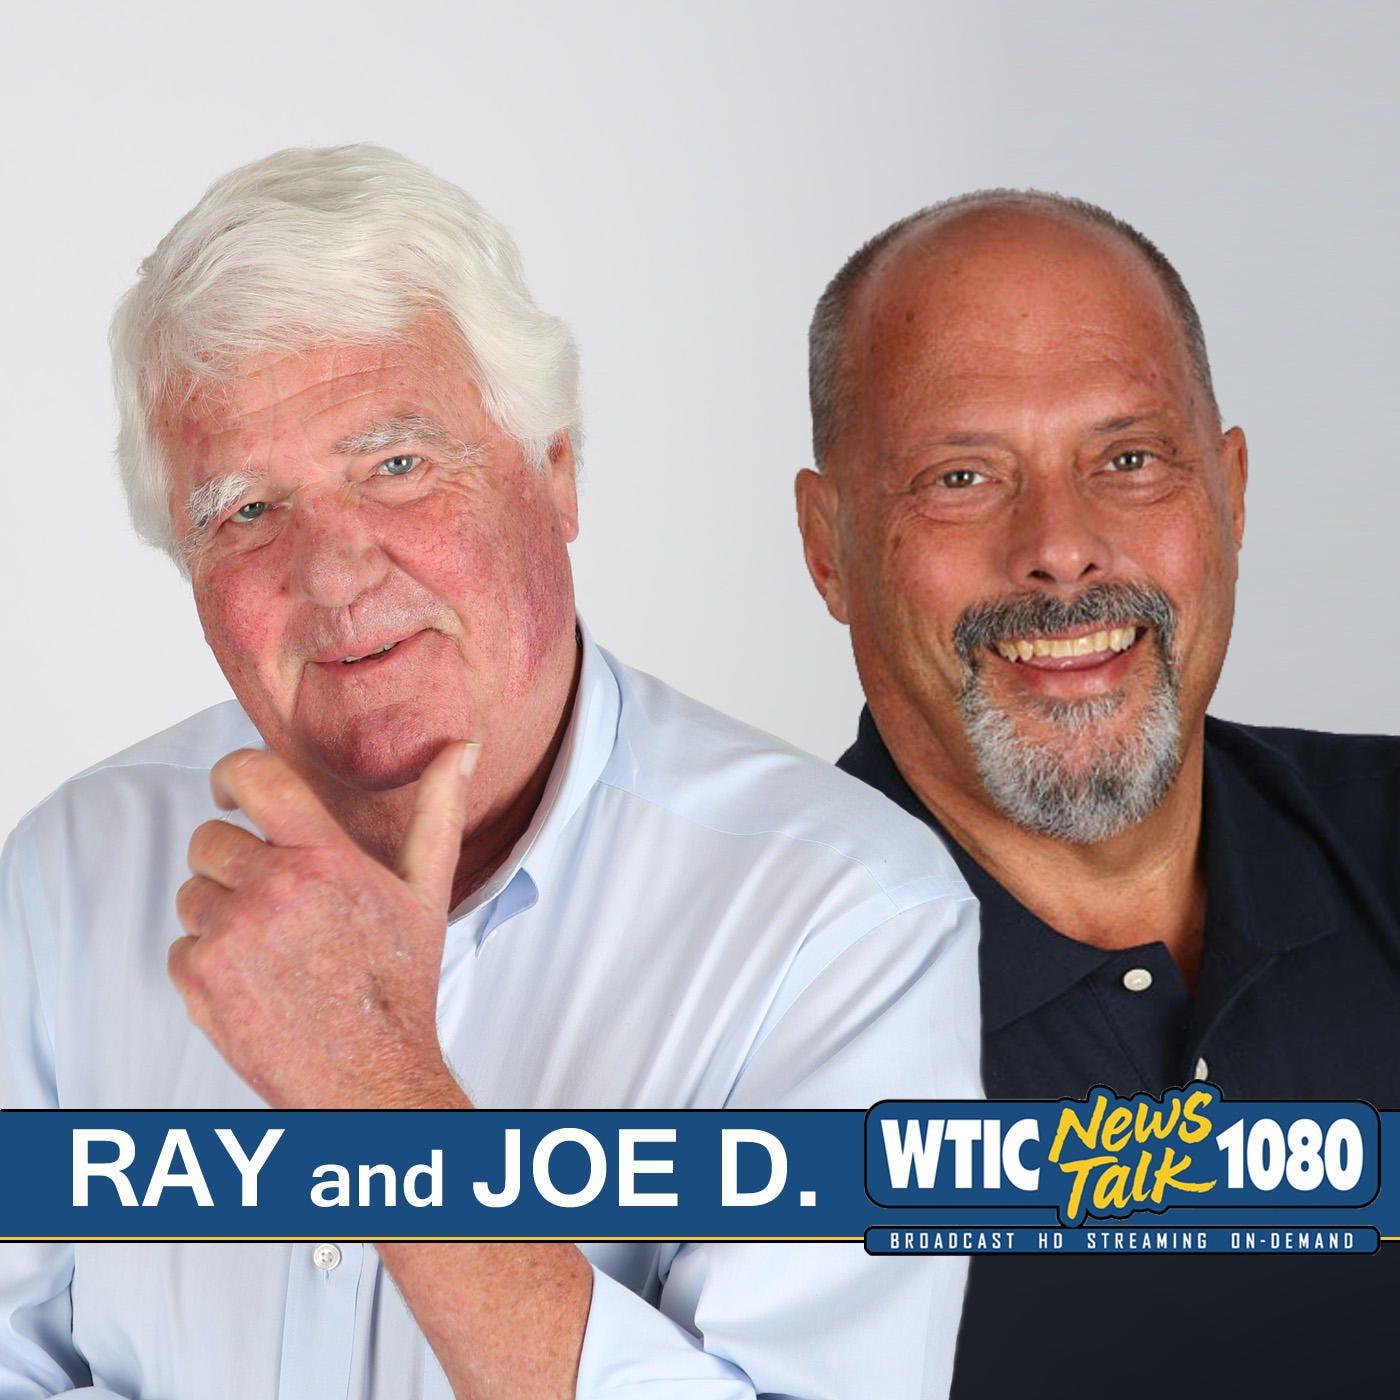 Ray and Joe D.